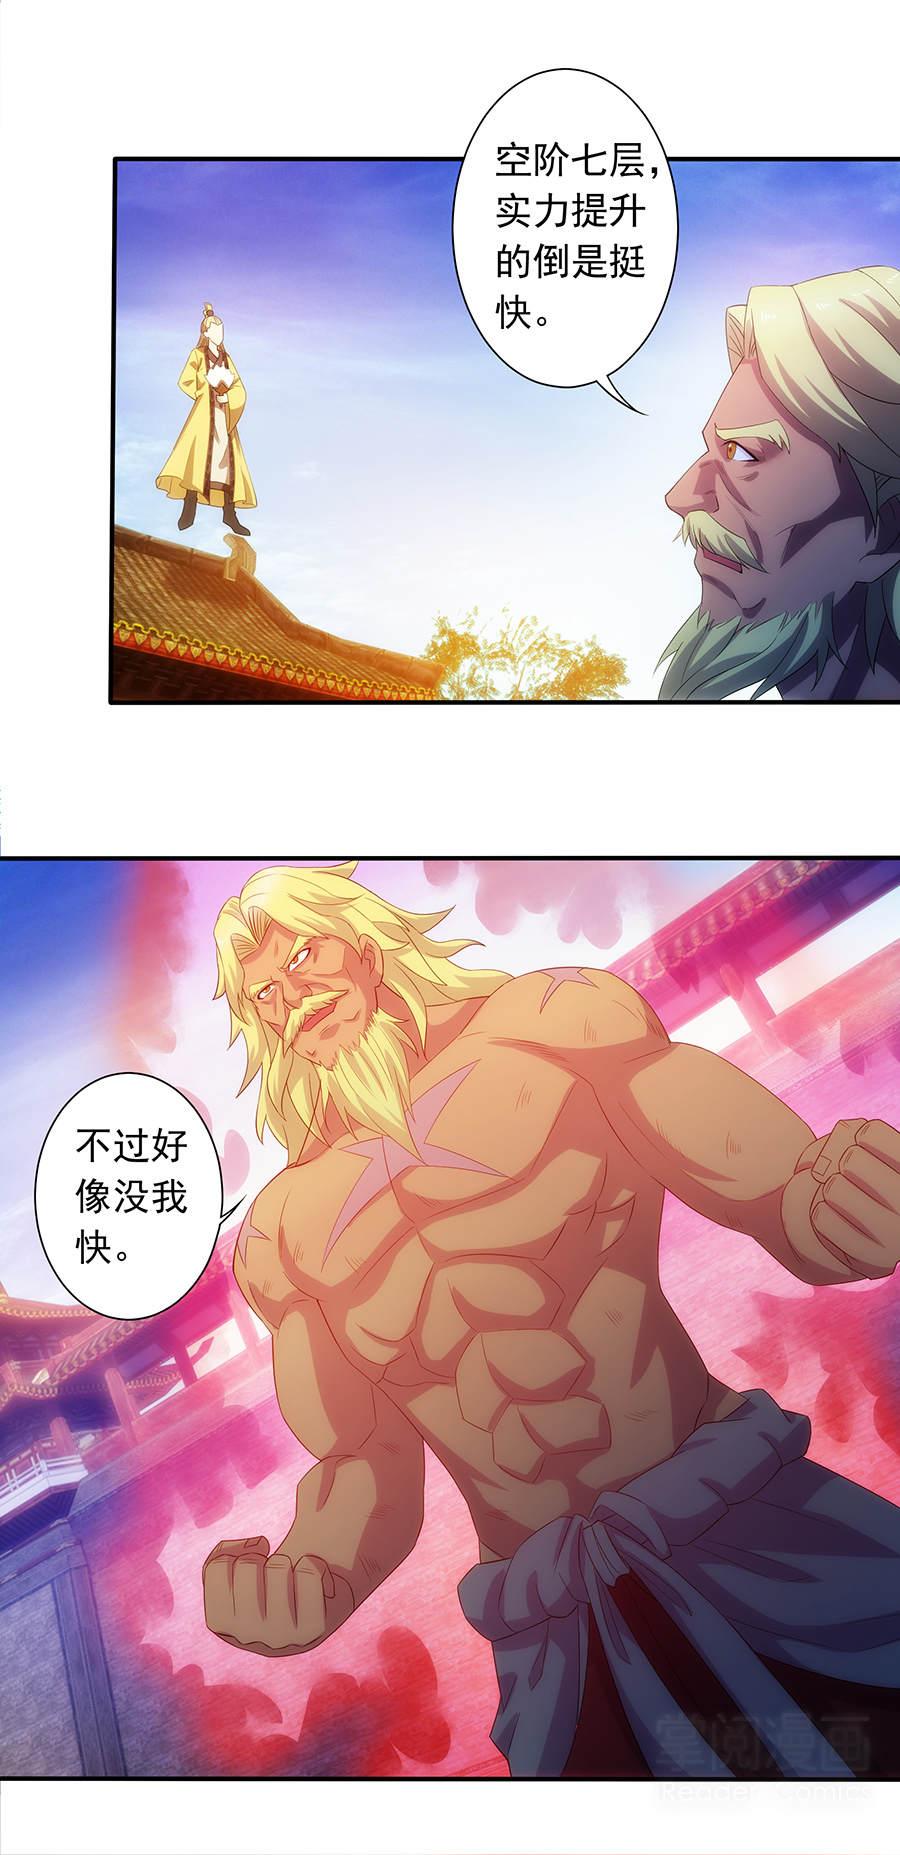 绝世剑神第9话  太极必杀 第 3